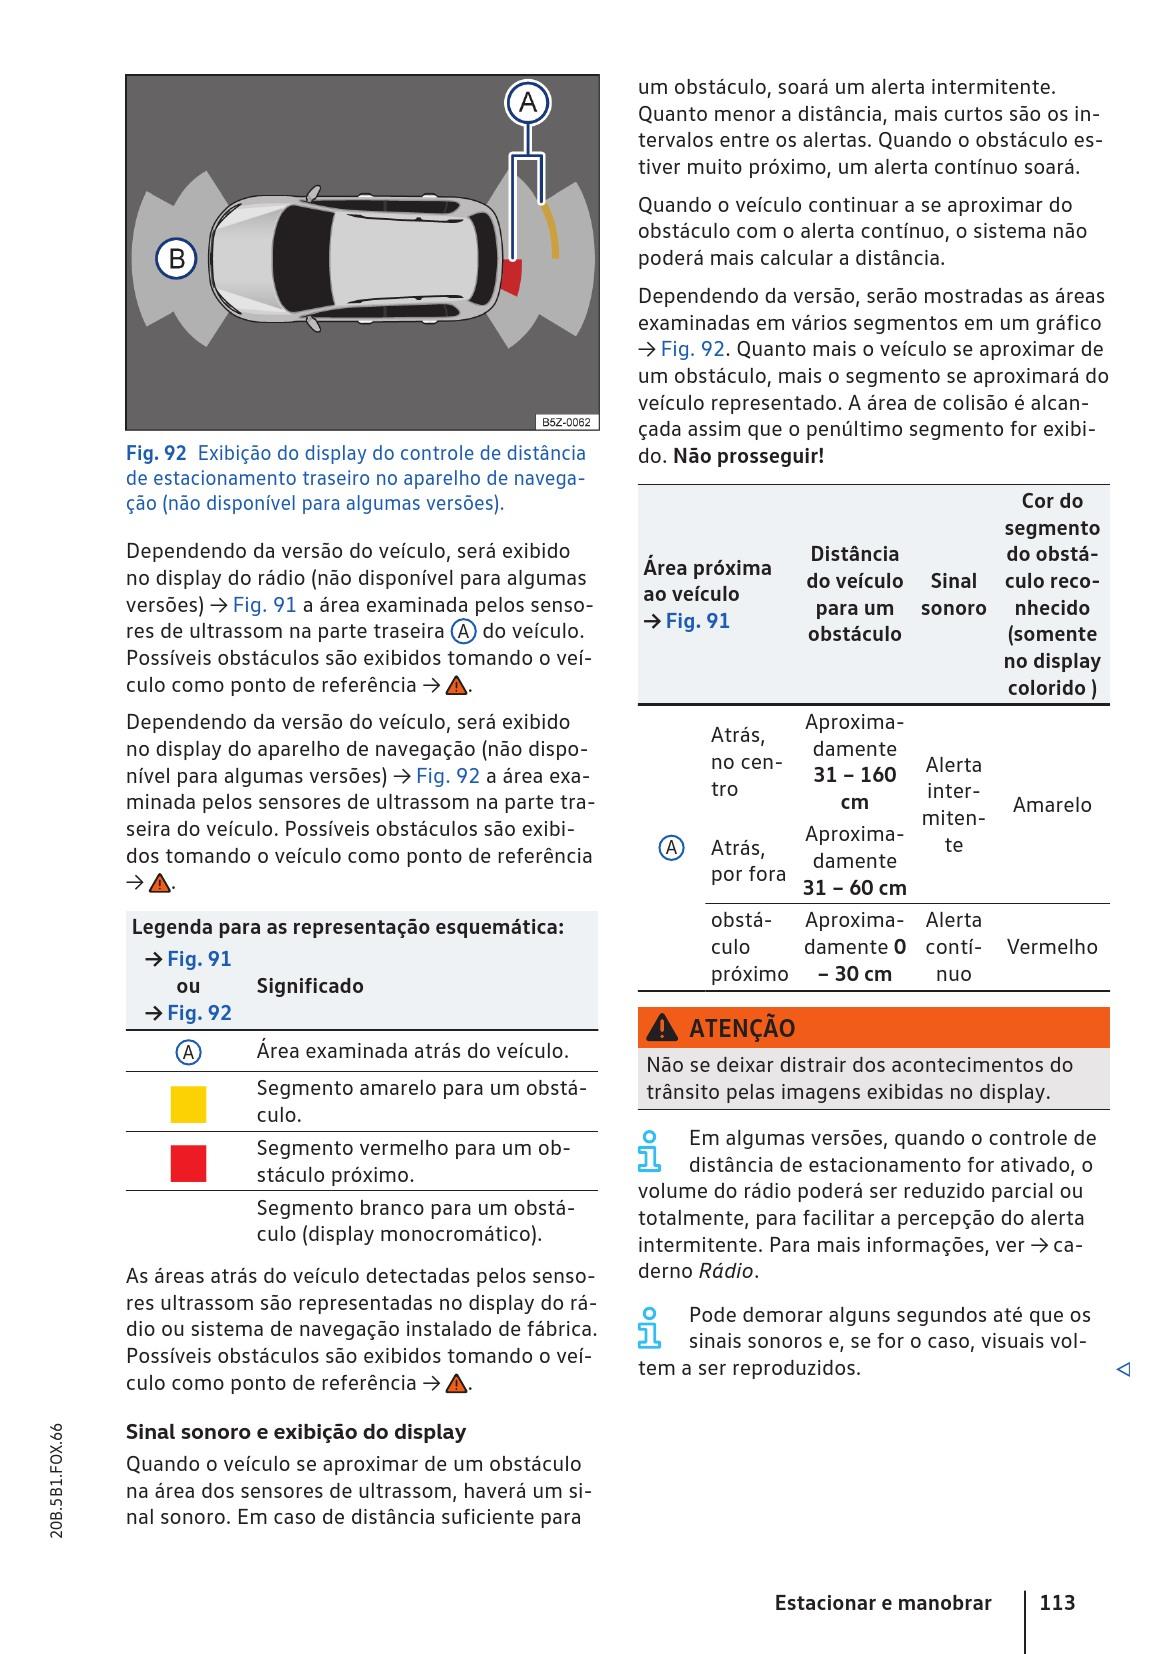 MANUAIS DO PROPRIETÁRIO GRÁTIS: MANUAL DO PROPRIETÁRIO VW